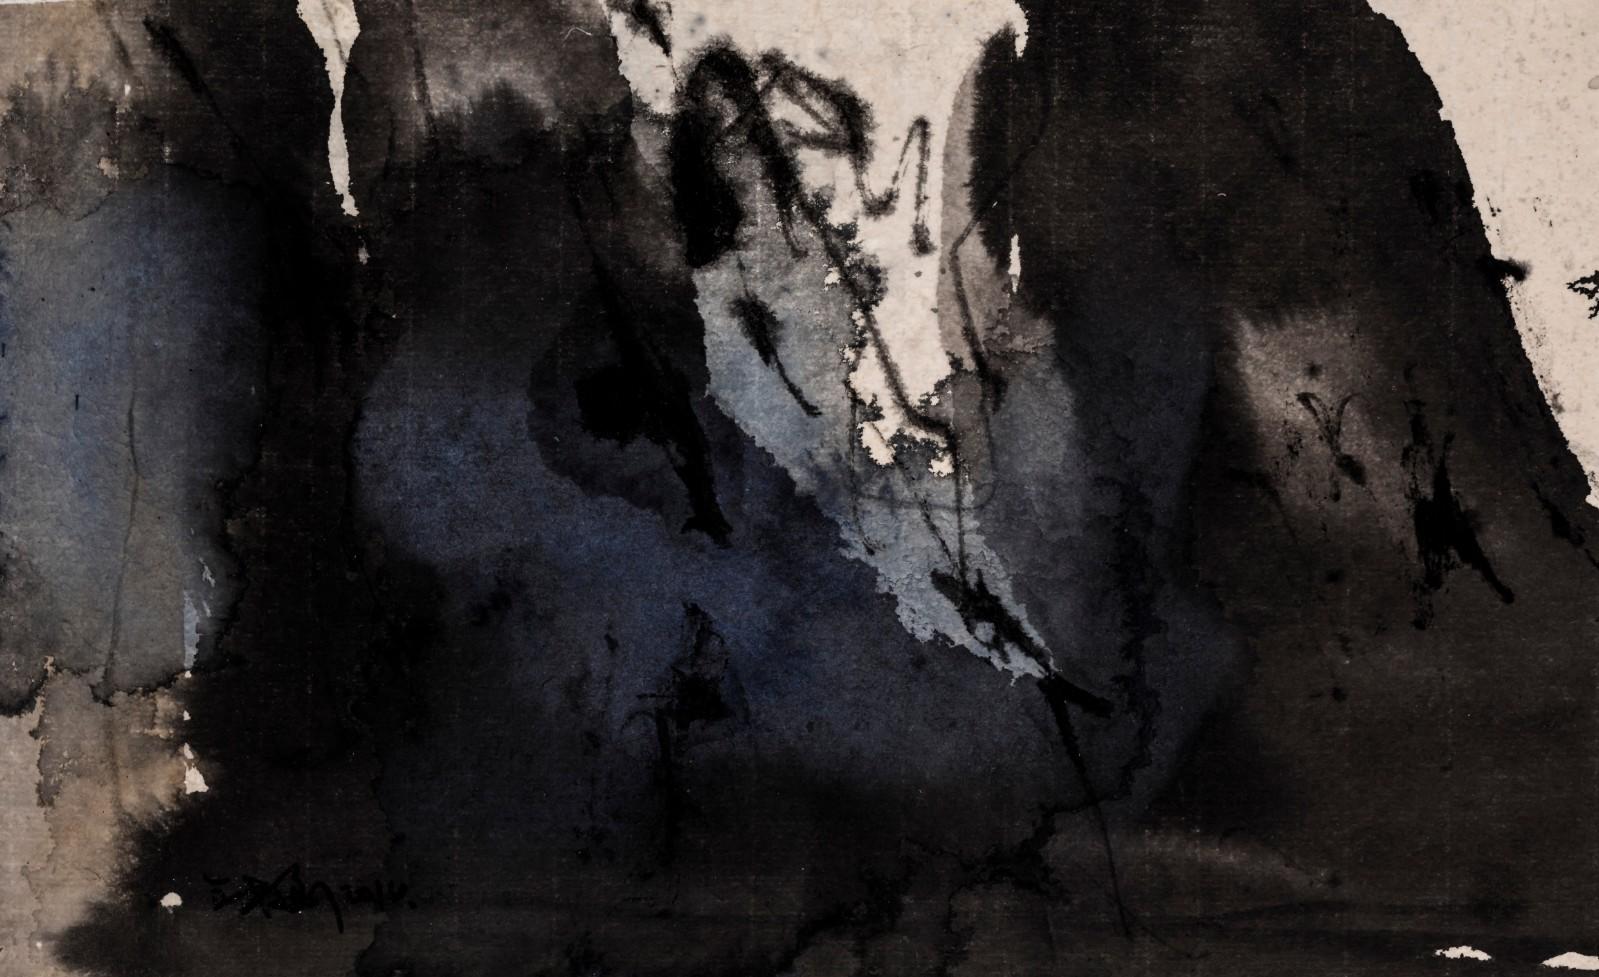 图5、王铁华,东山高卧,纸本水墨综合材料,17cmx28cm,2015.jpg